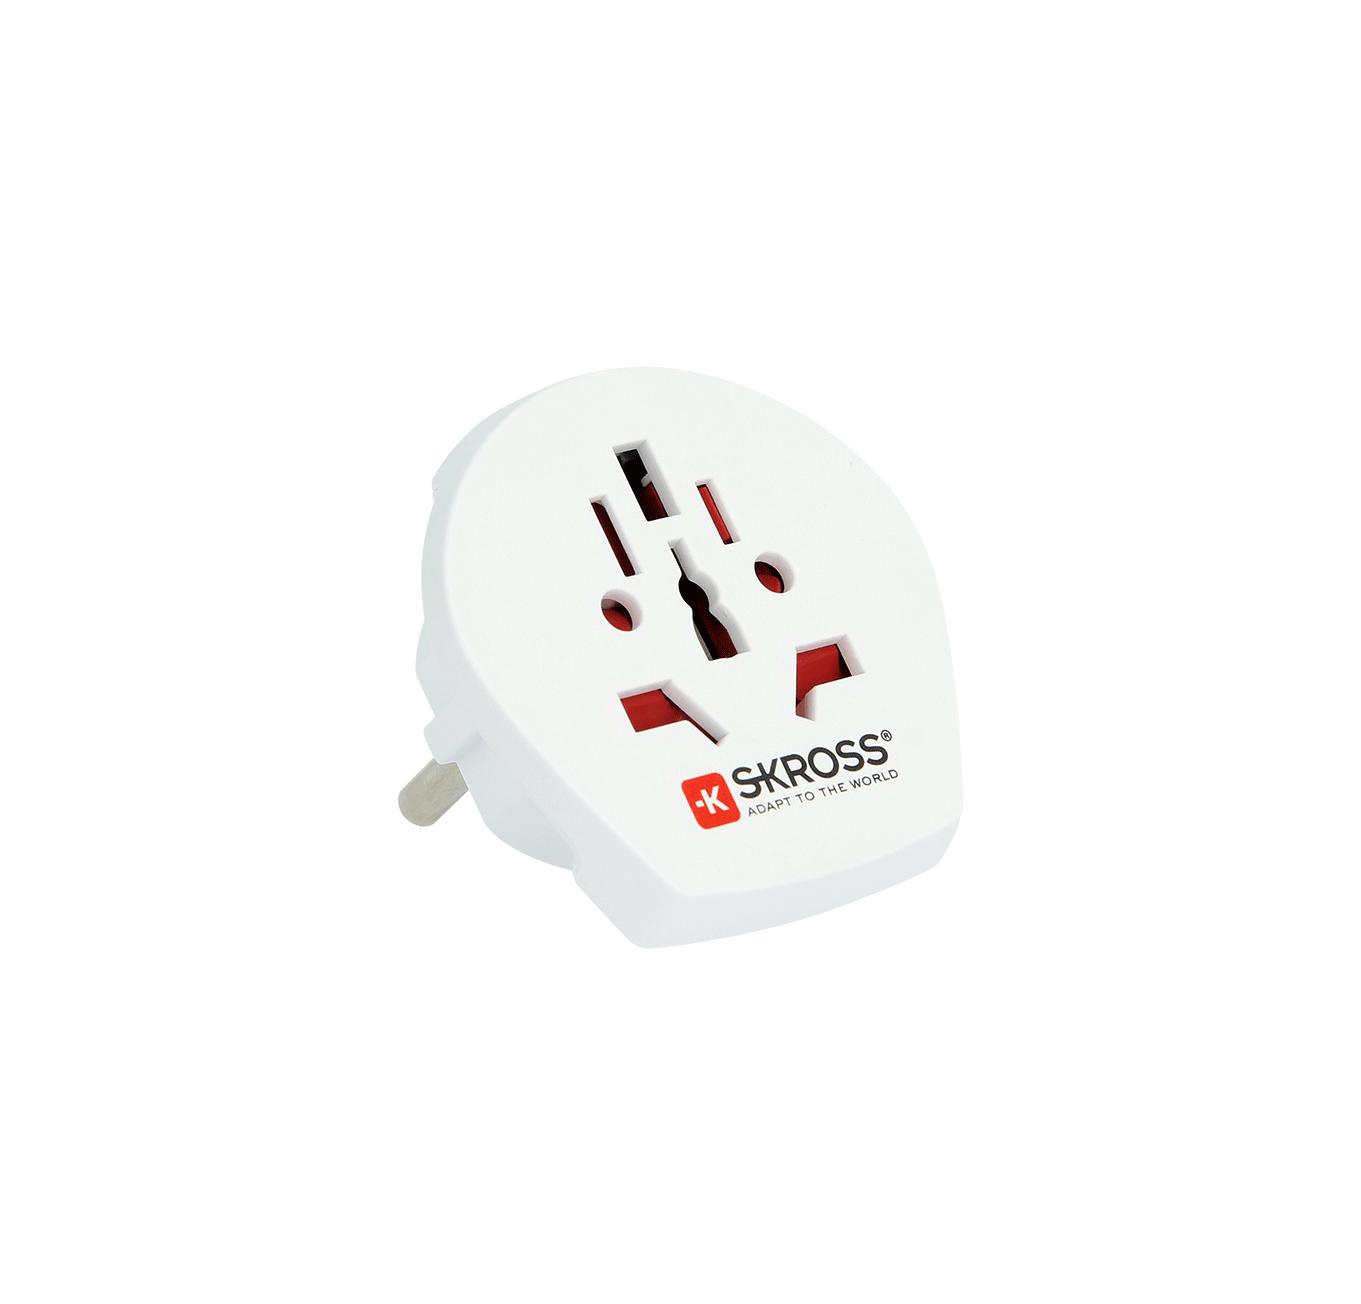 adapter z świat chiny usa japonia brazylia do polska skross 1500211